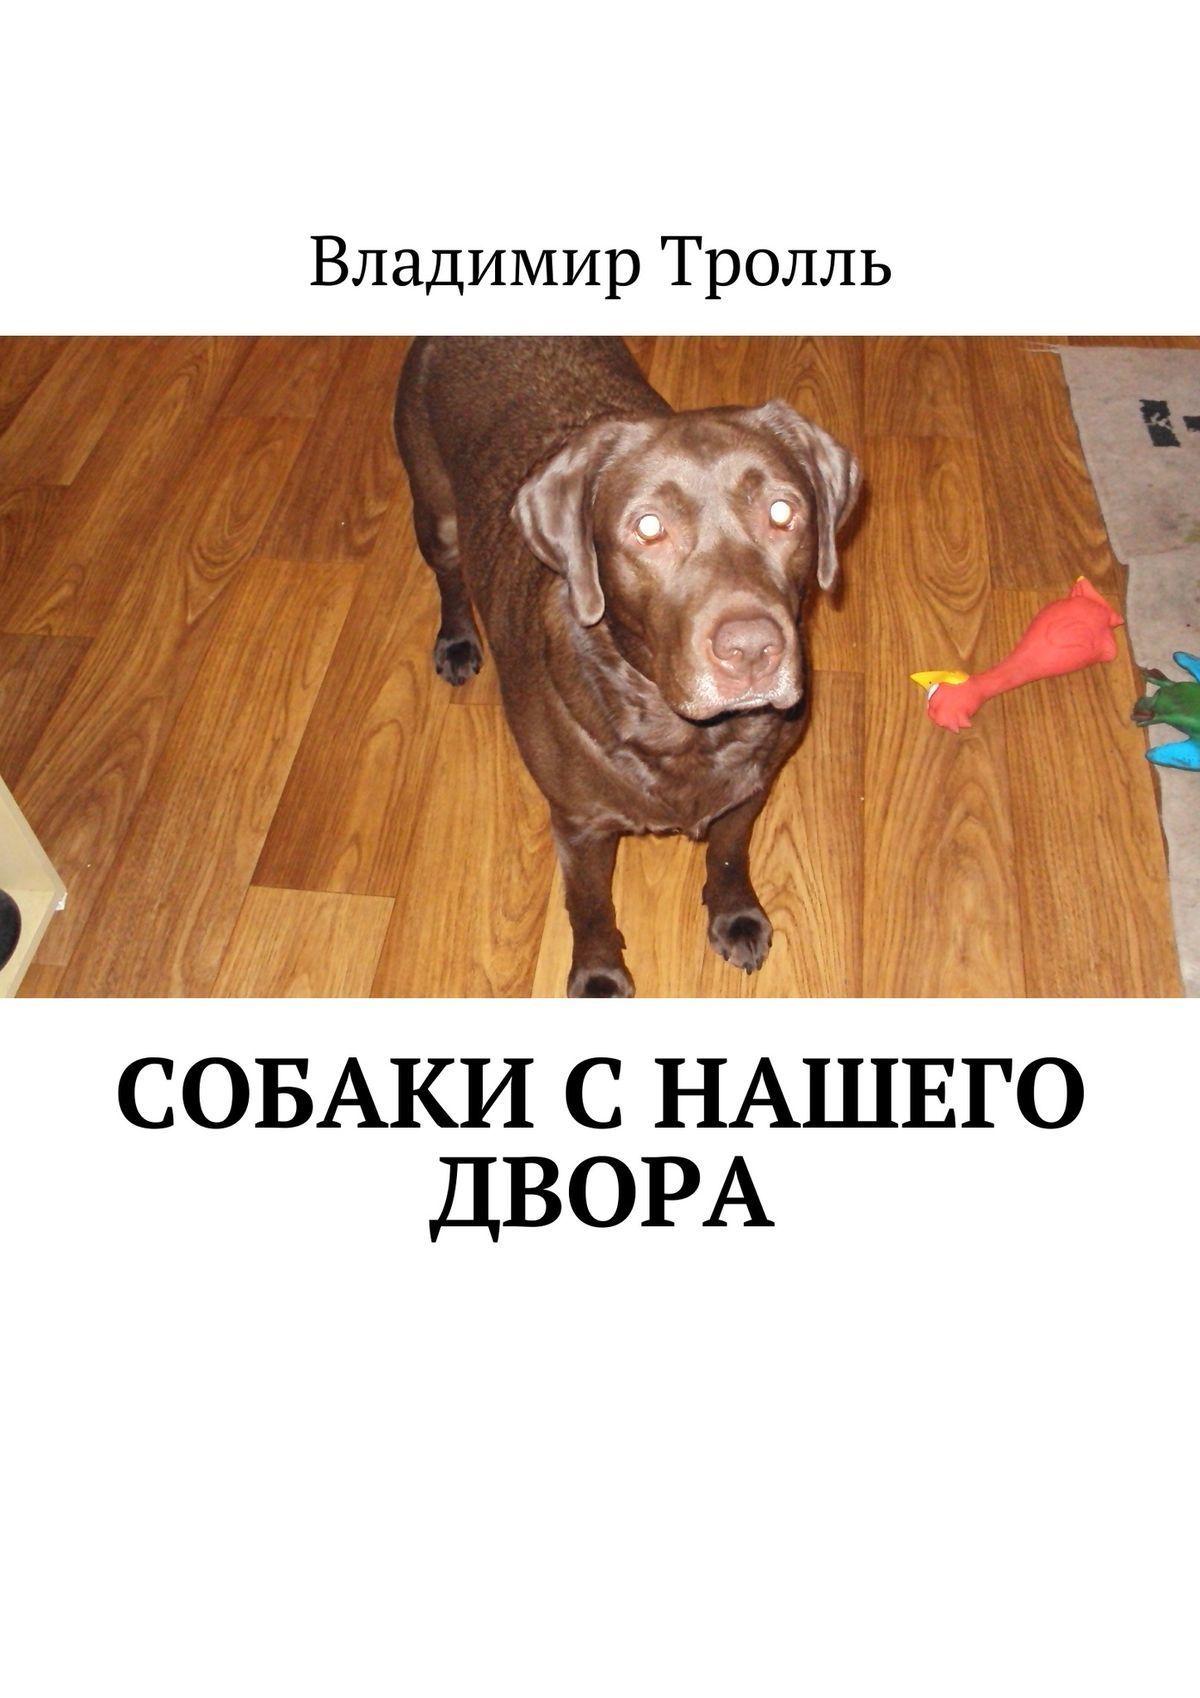 Владимир Тролль Собаки с нашего двора. Рассказы собачьи истории